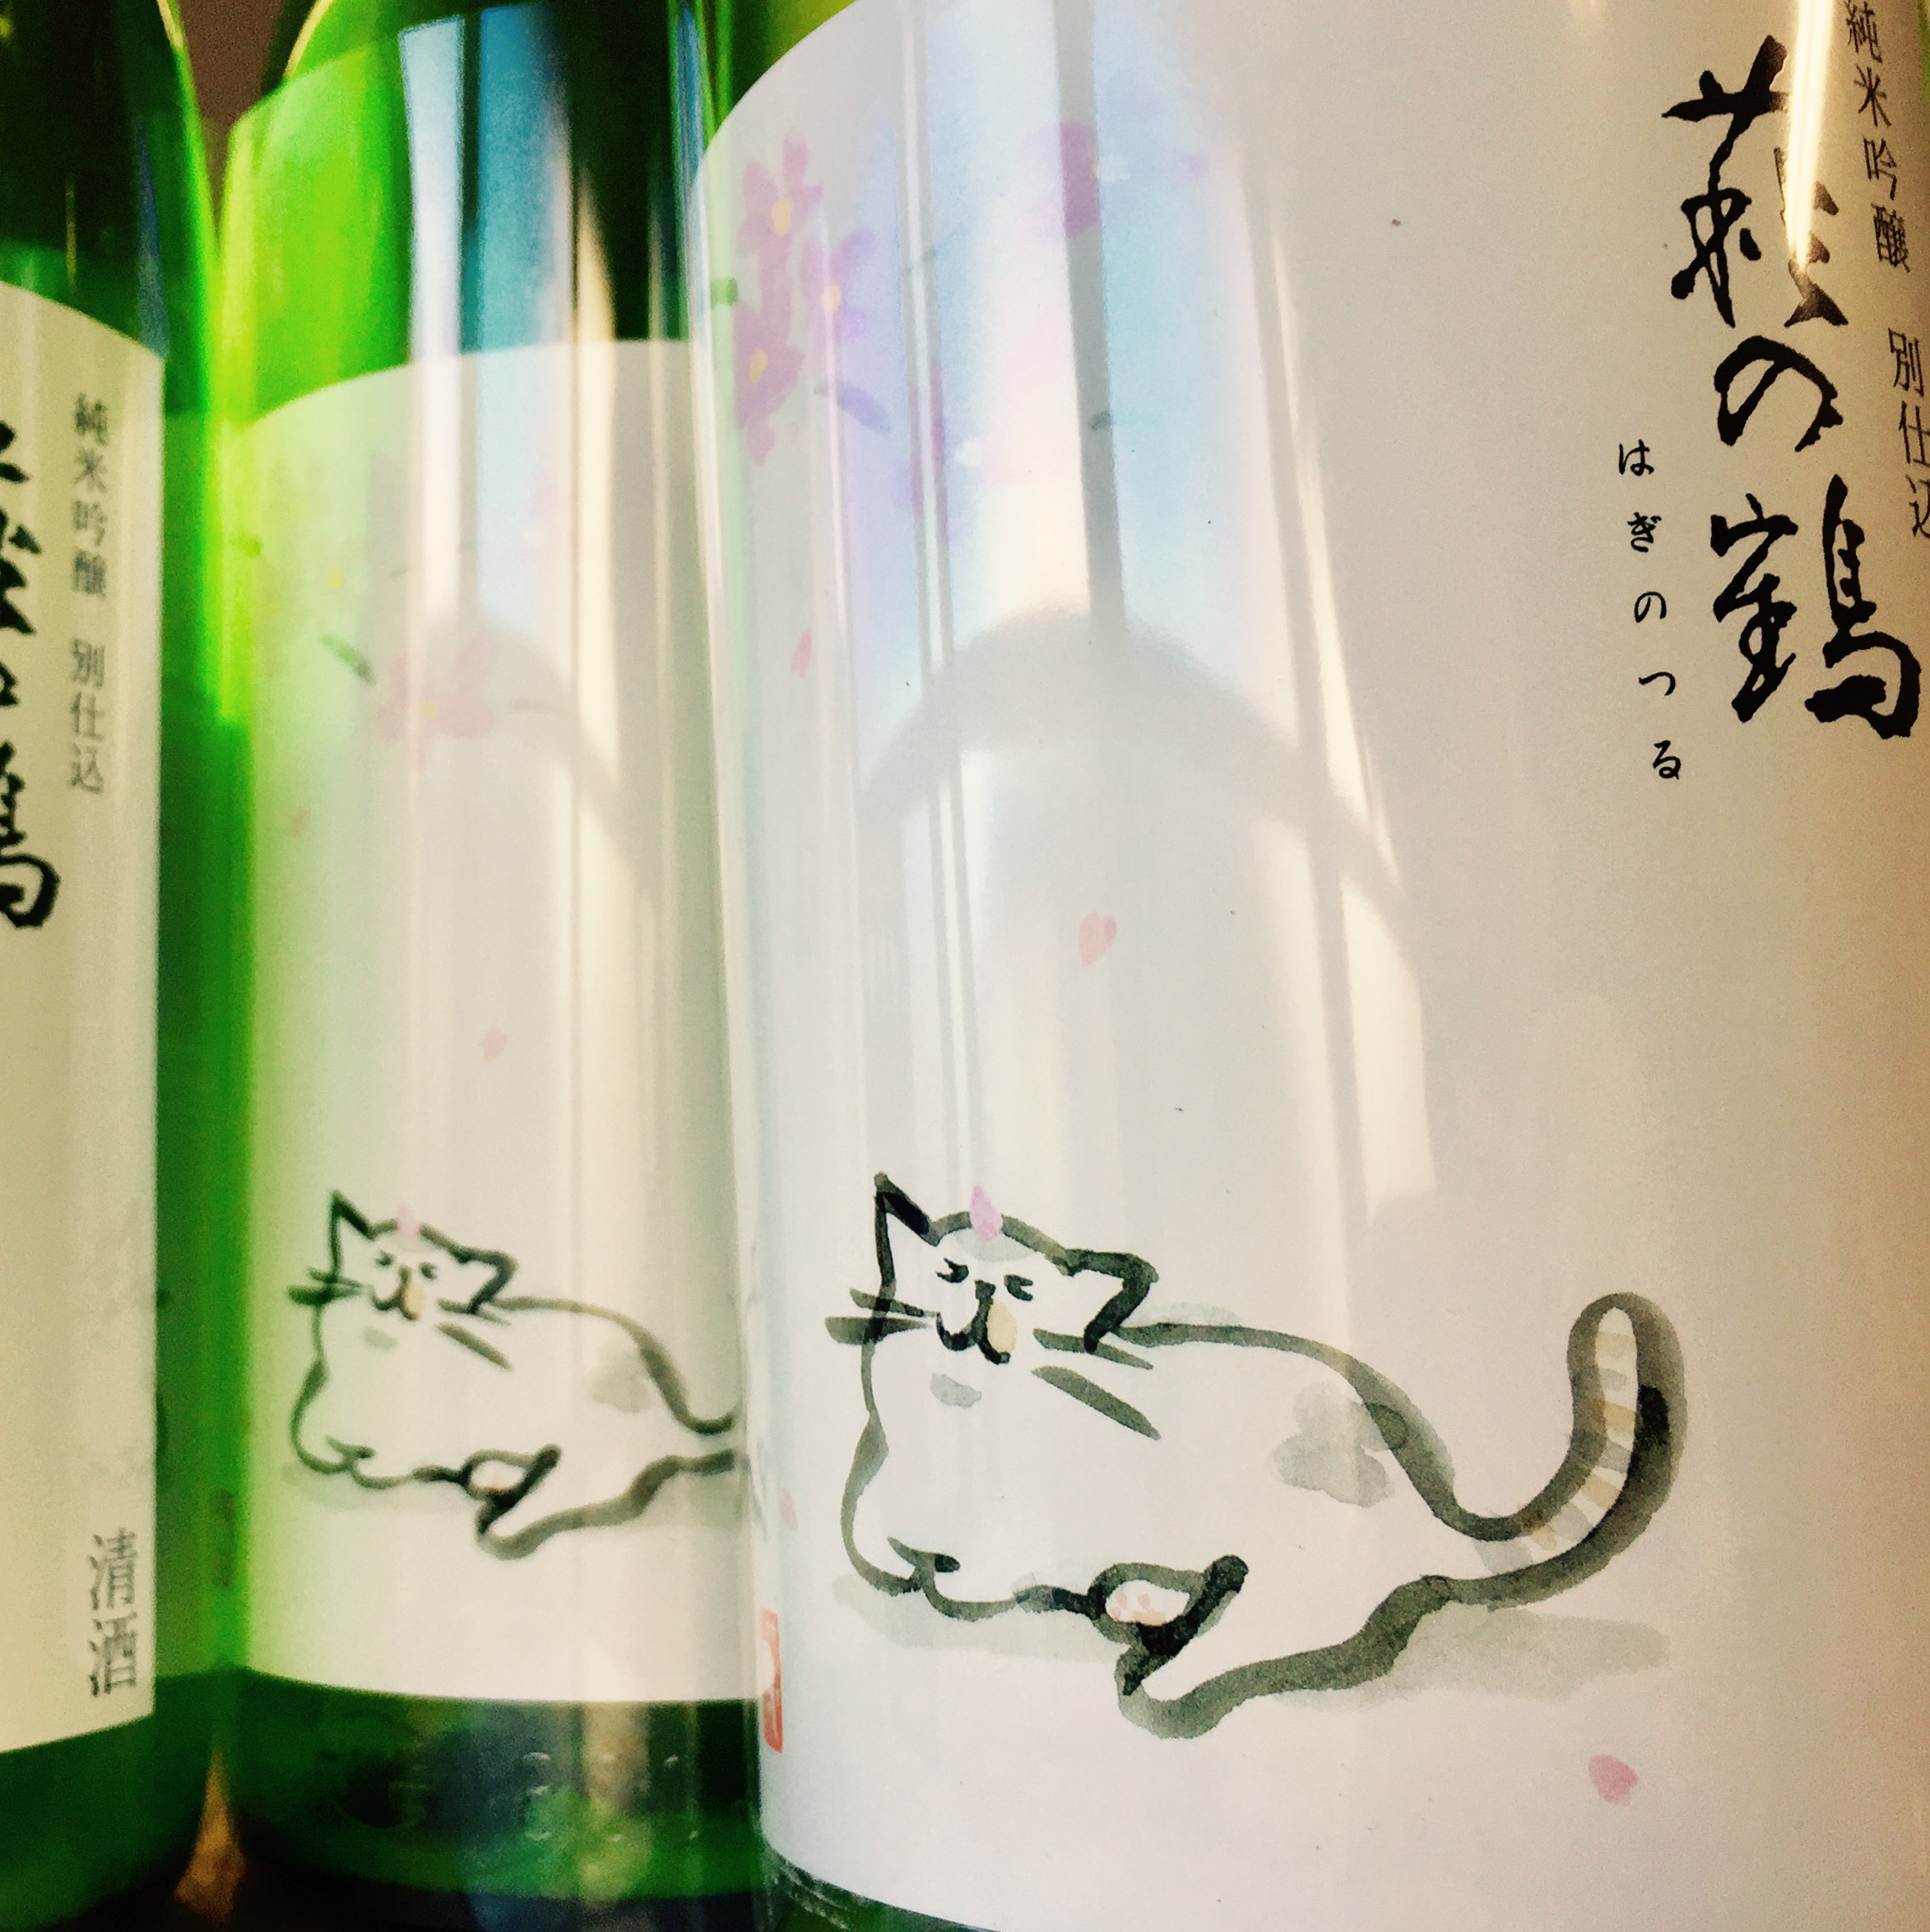 萩の鶴  純米吟醸  猫らべる  1.8ℓ